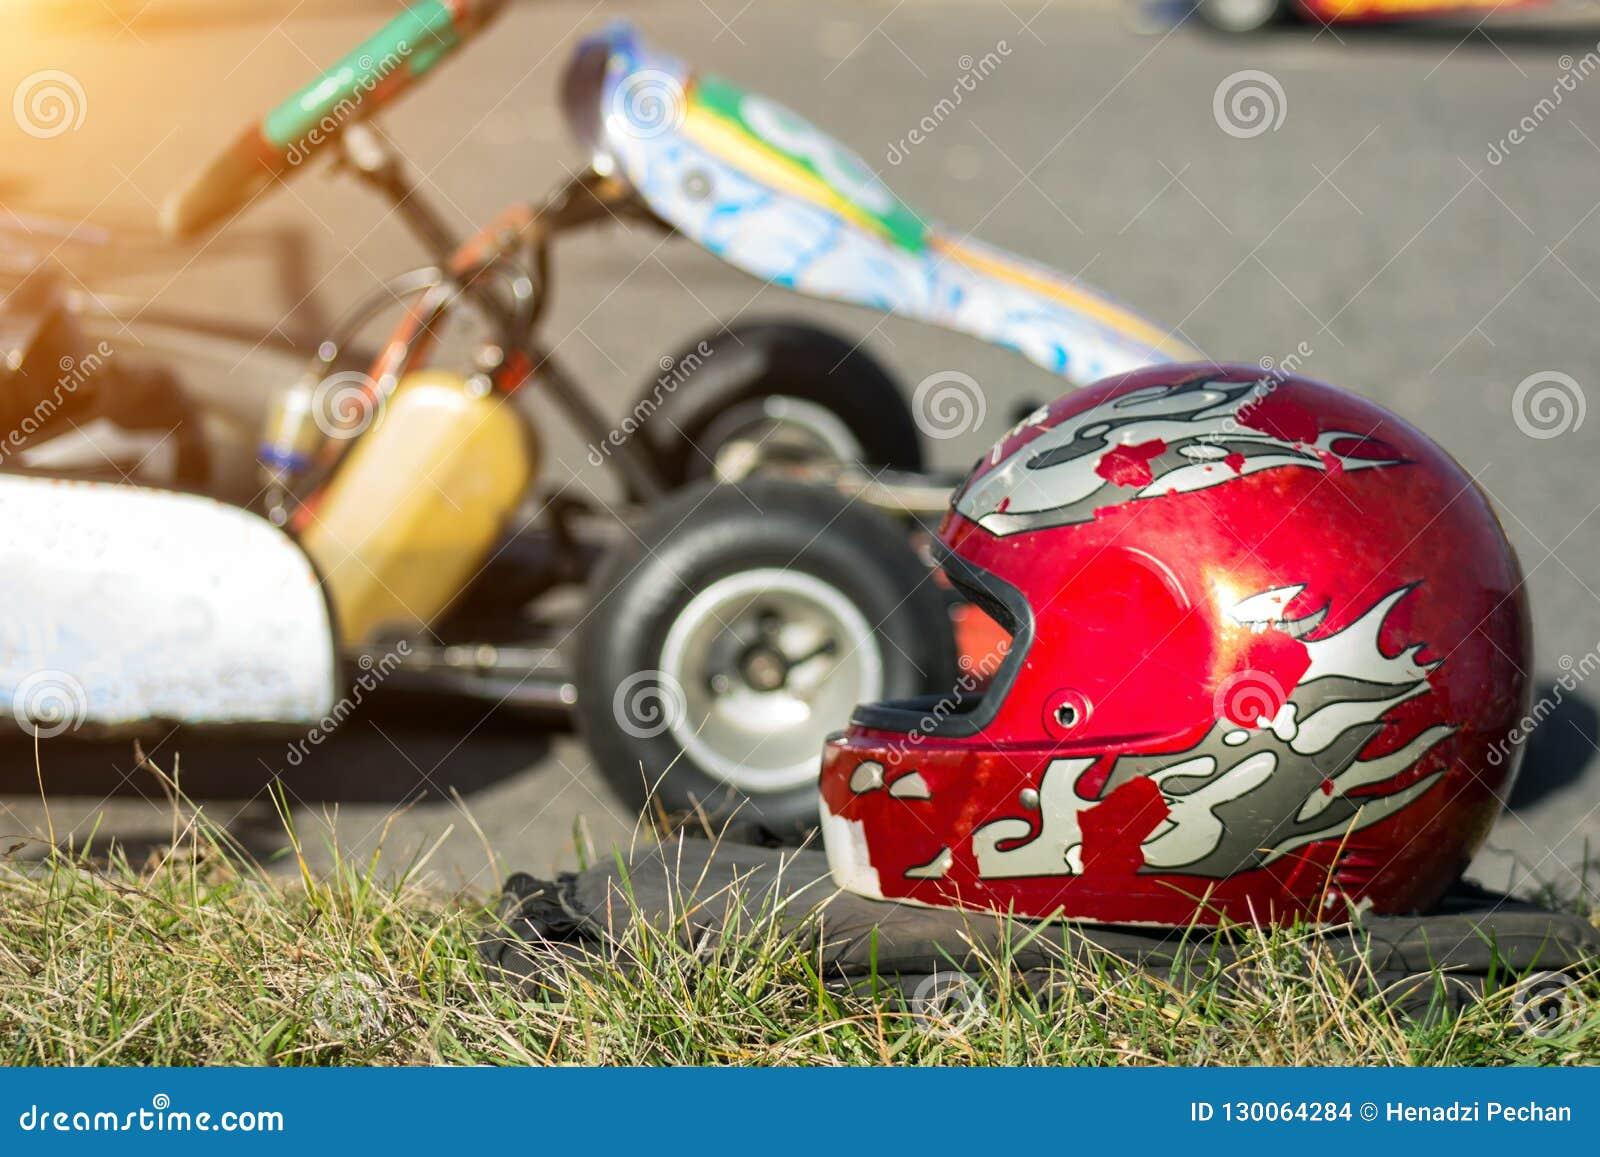 Οι ανταγωνισμοί Karting, ένα κόκκινο προστατευτικό κράνος βρίσκονται στα πλαίσια του αγώνα carting, κινηματογράφηση σε πρώτο πλάν